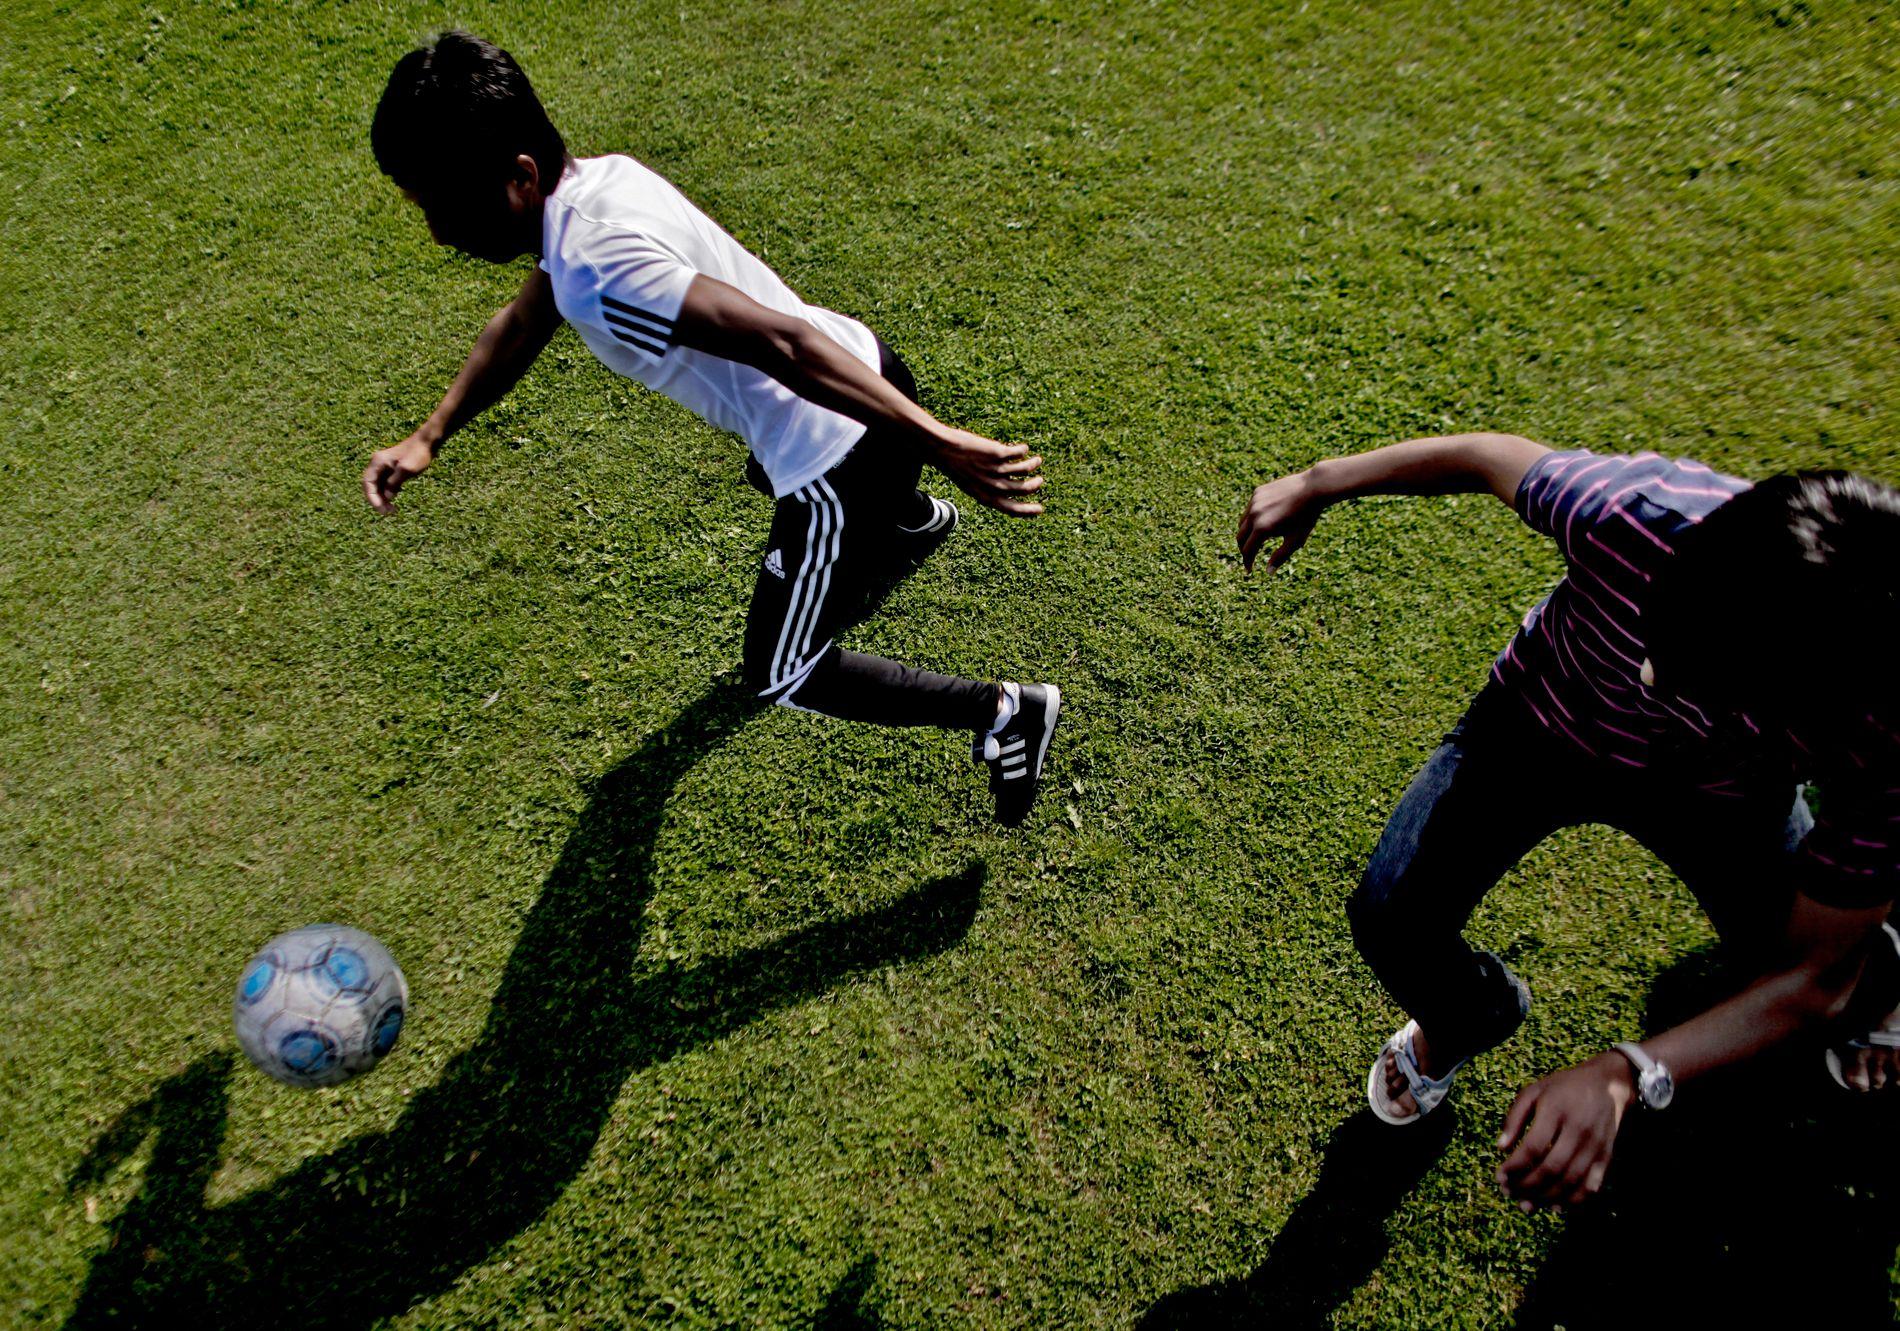 TILBYS PENGESTØTTE: Enslige mindreårige tilbys 42.000 kroner for å reise til Afghanistan i en ny UDI-avtale fra mai. Dette bildet viser enslige mindreårige som spiller fotball ved et mottak i Nordland. ss